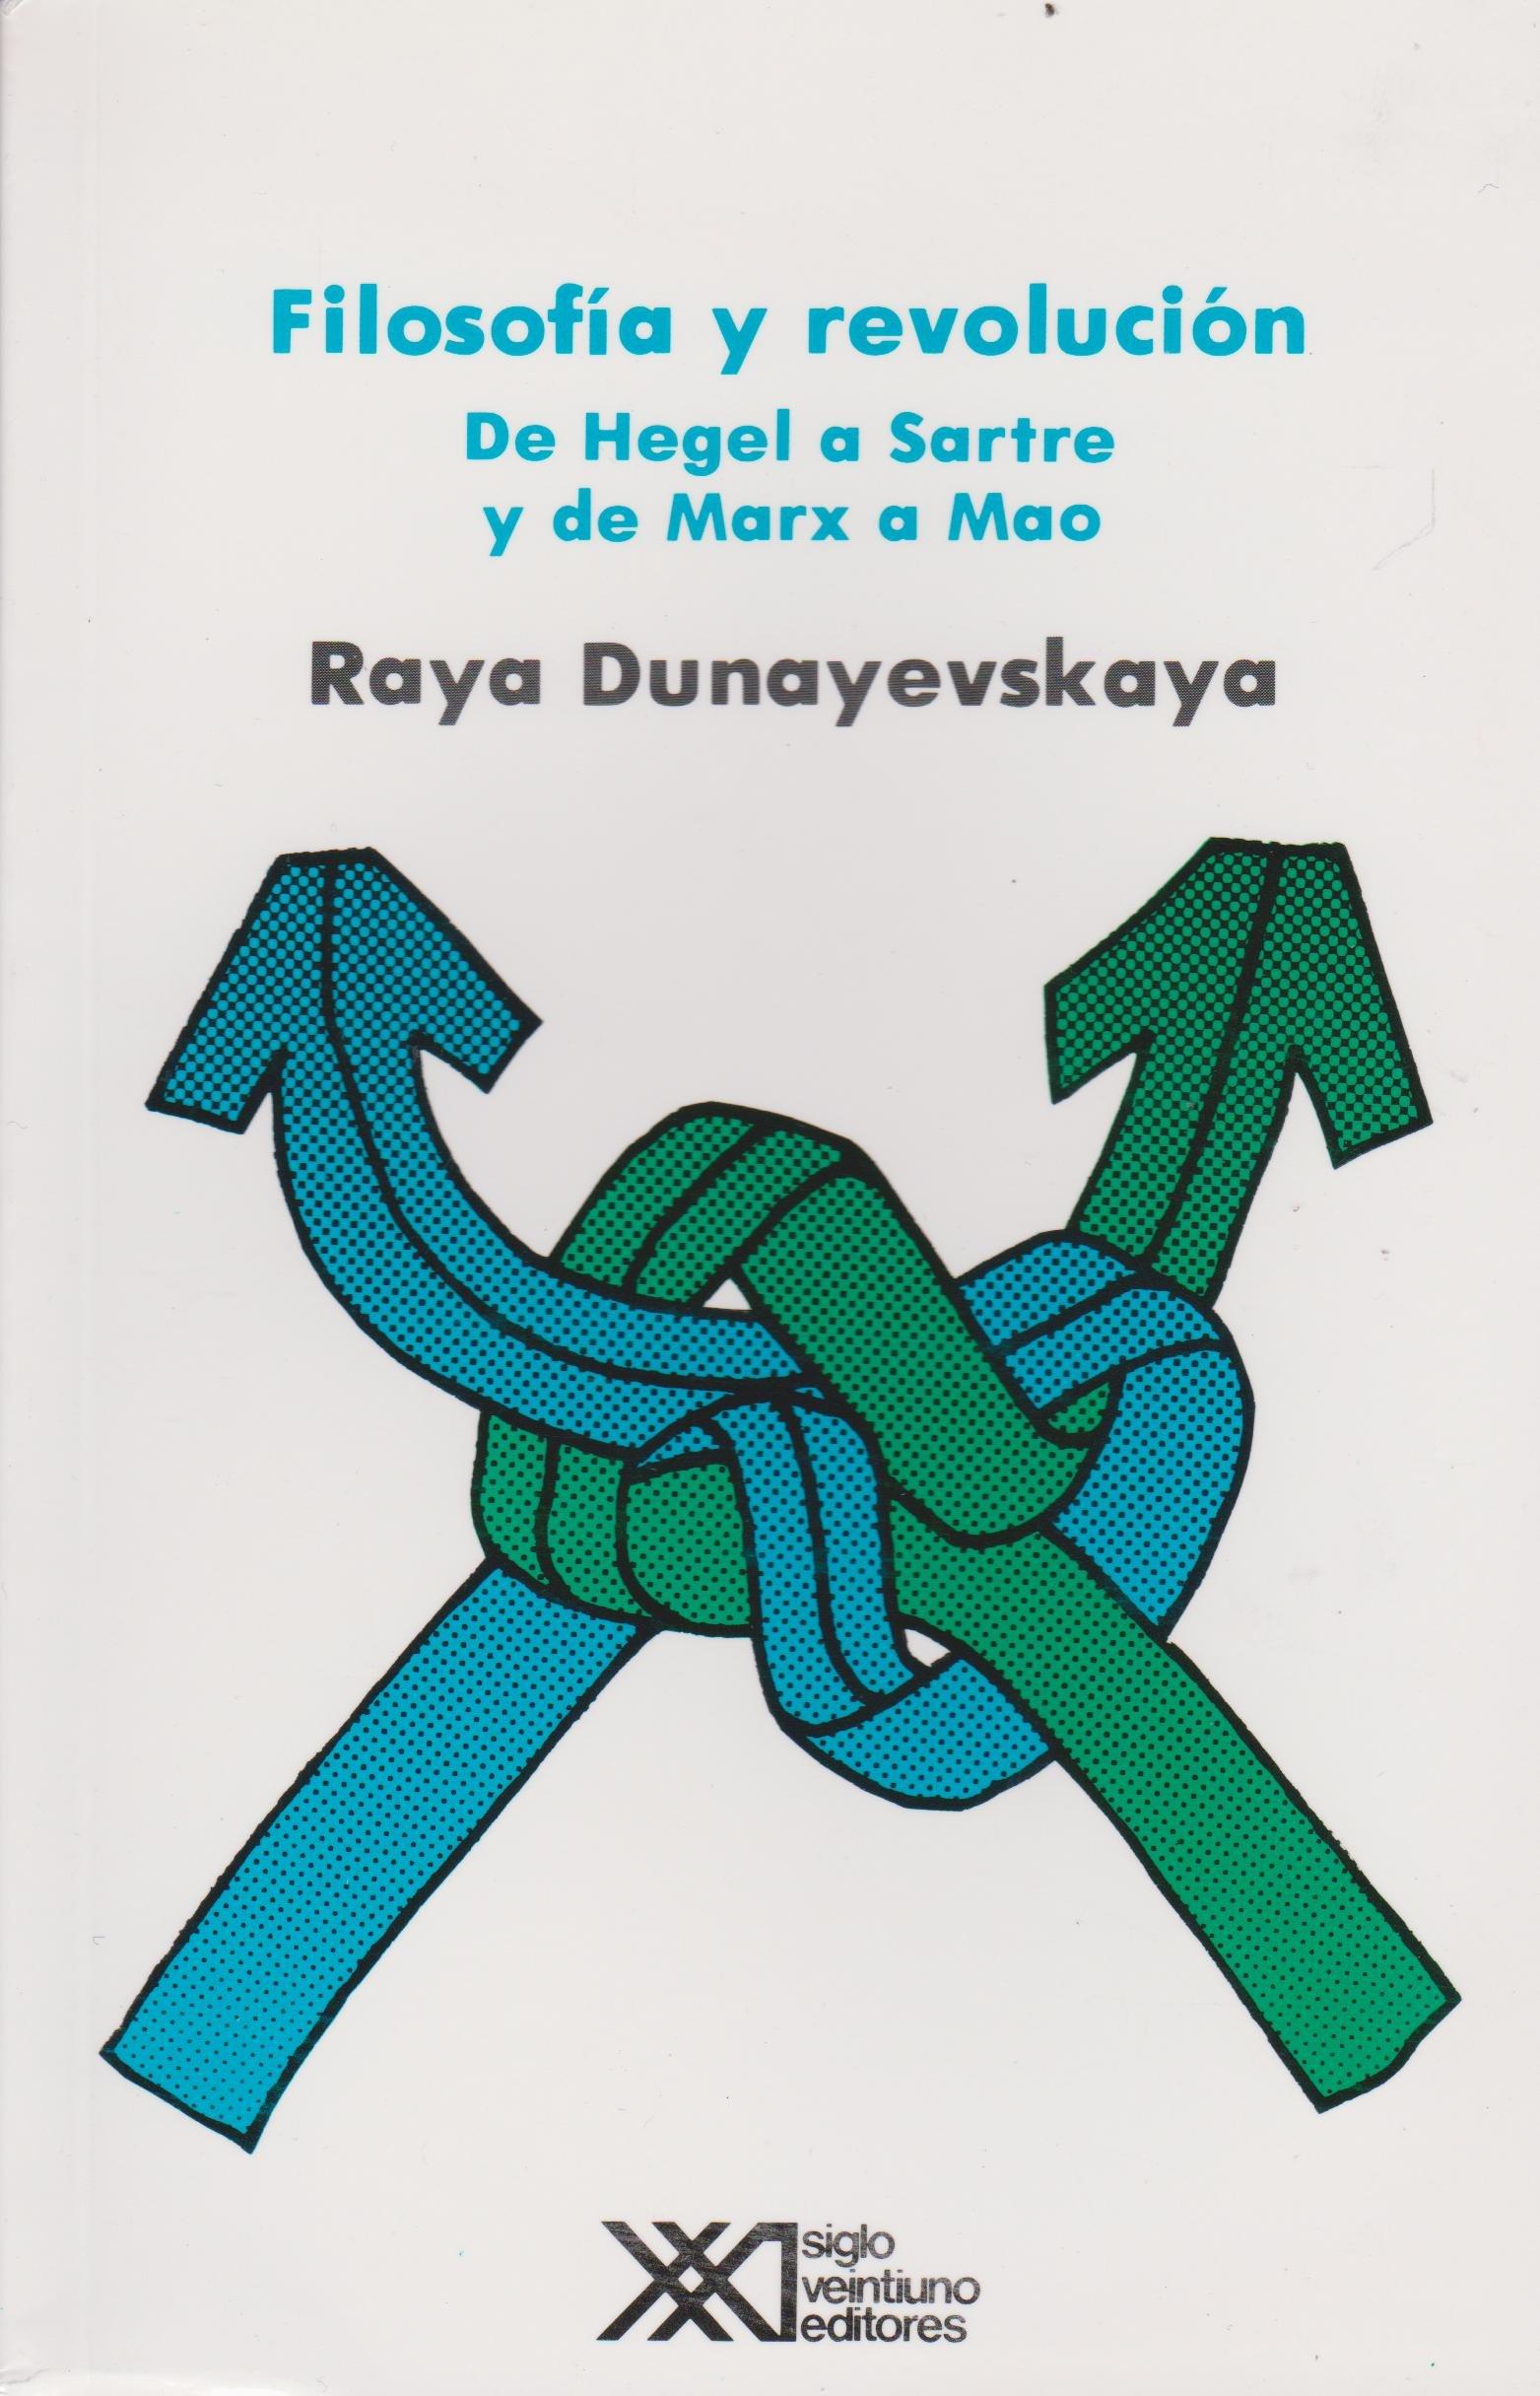 Filosofia y revolucion. De Hegel a Sartre y de Marx a Mao (Spanish Edition) (Spanish) Paperback – January 1, 1977